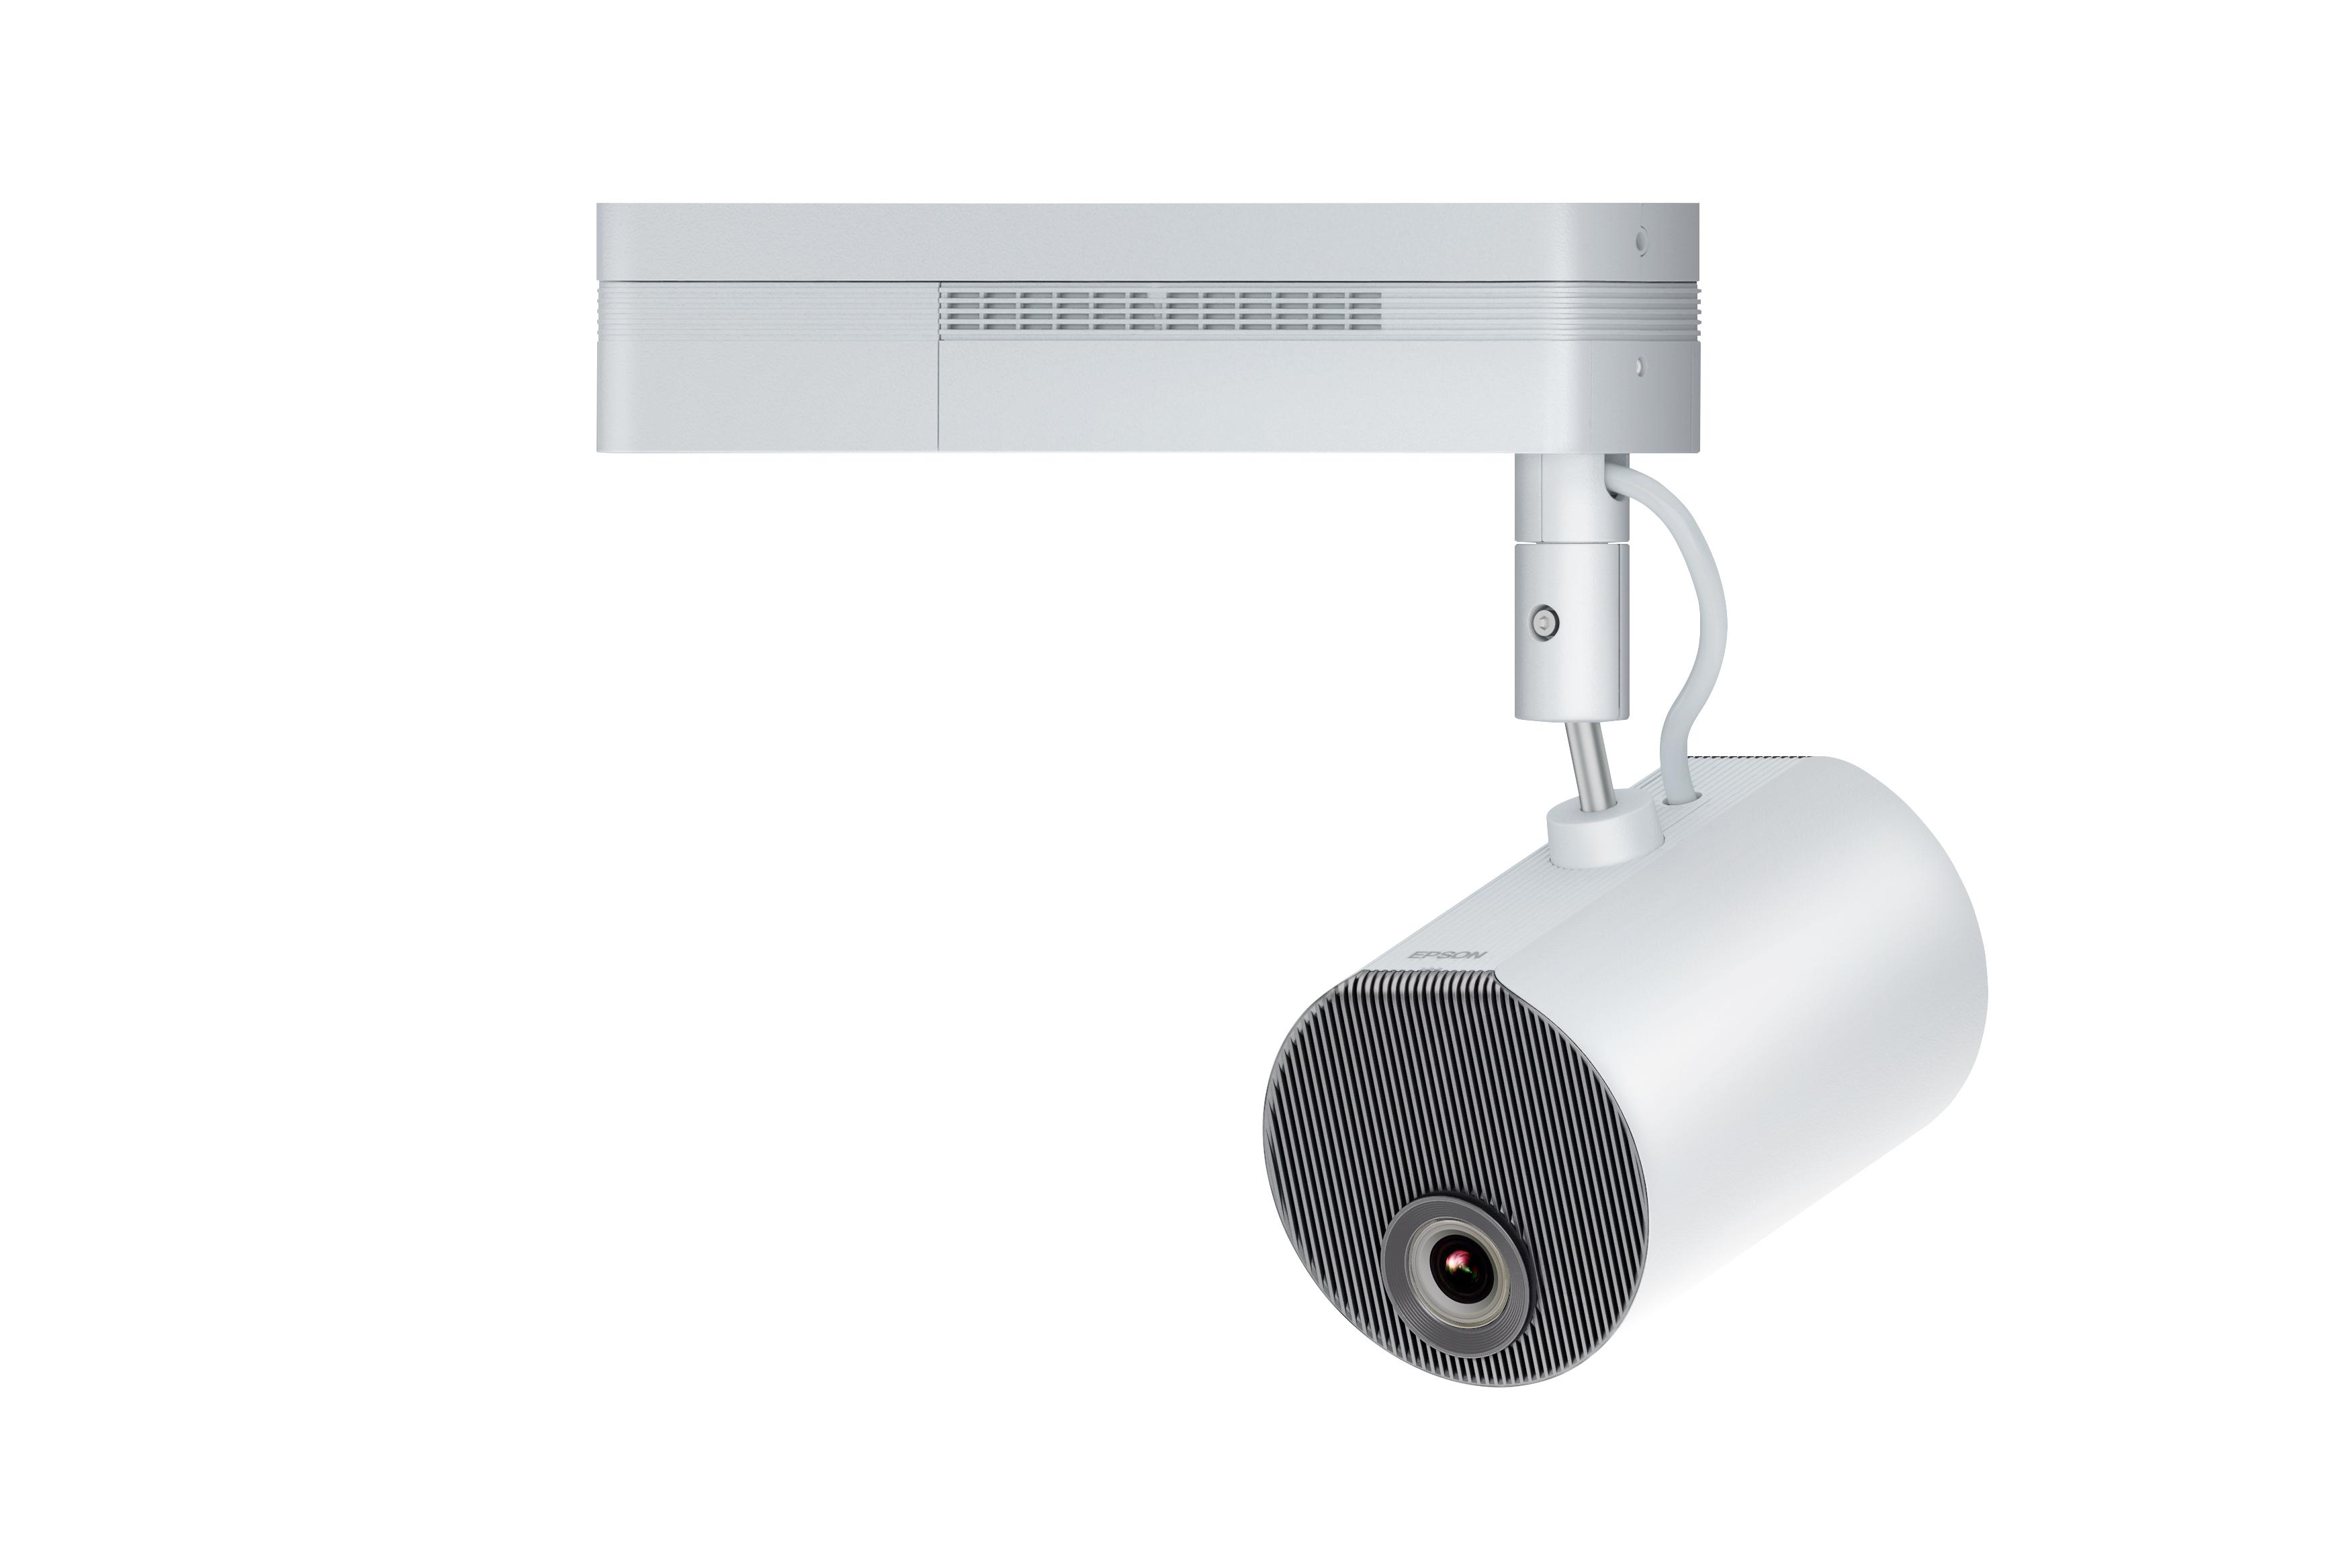 Epson lanza nuevos proyectores láser LightScene para empresas, diseñadores y artistas